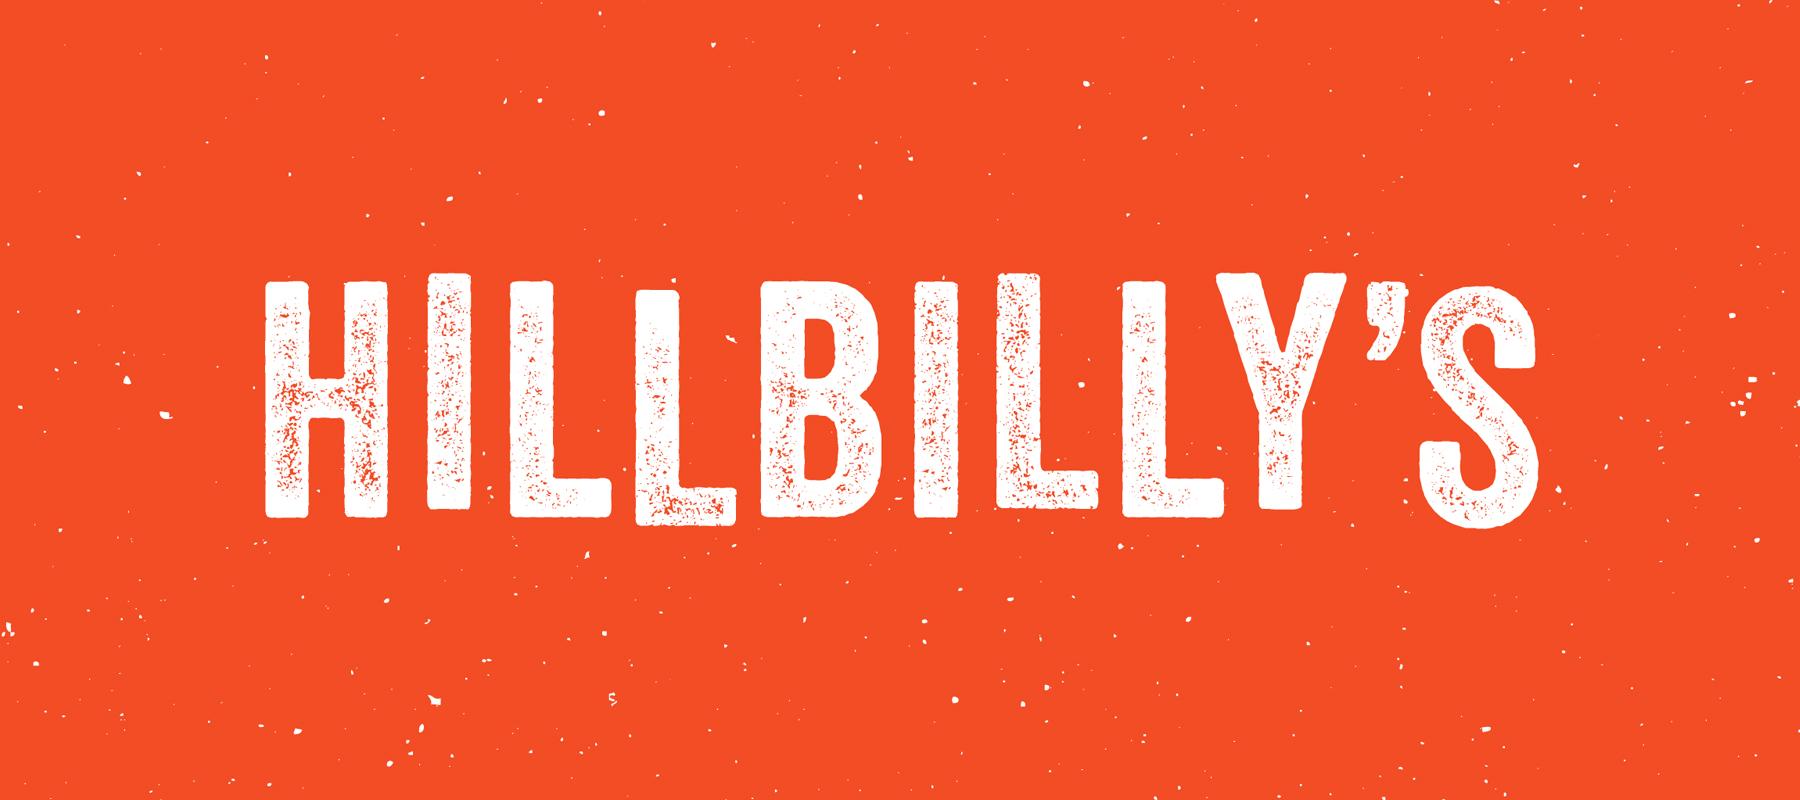 Hillbillys-Logo.jpg